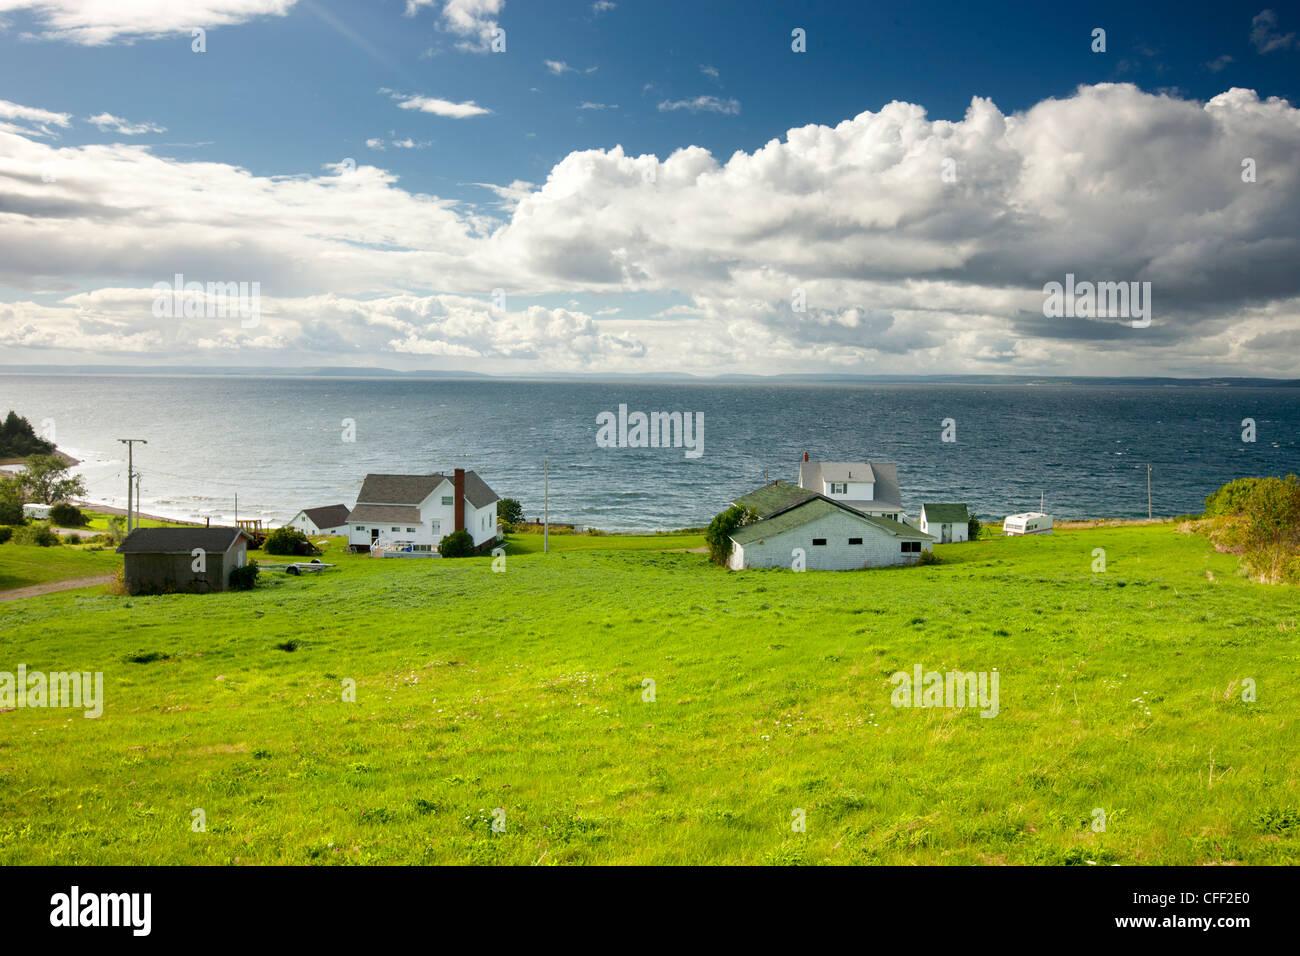 Big Pond, Bras D'o lagos, Cape Breton, Nova Scotia, Canadá Imagen De Stock